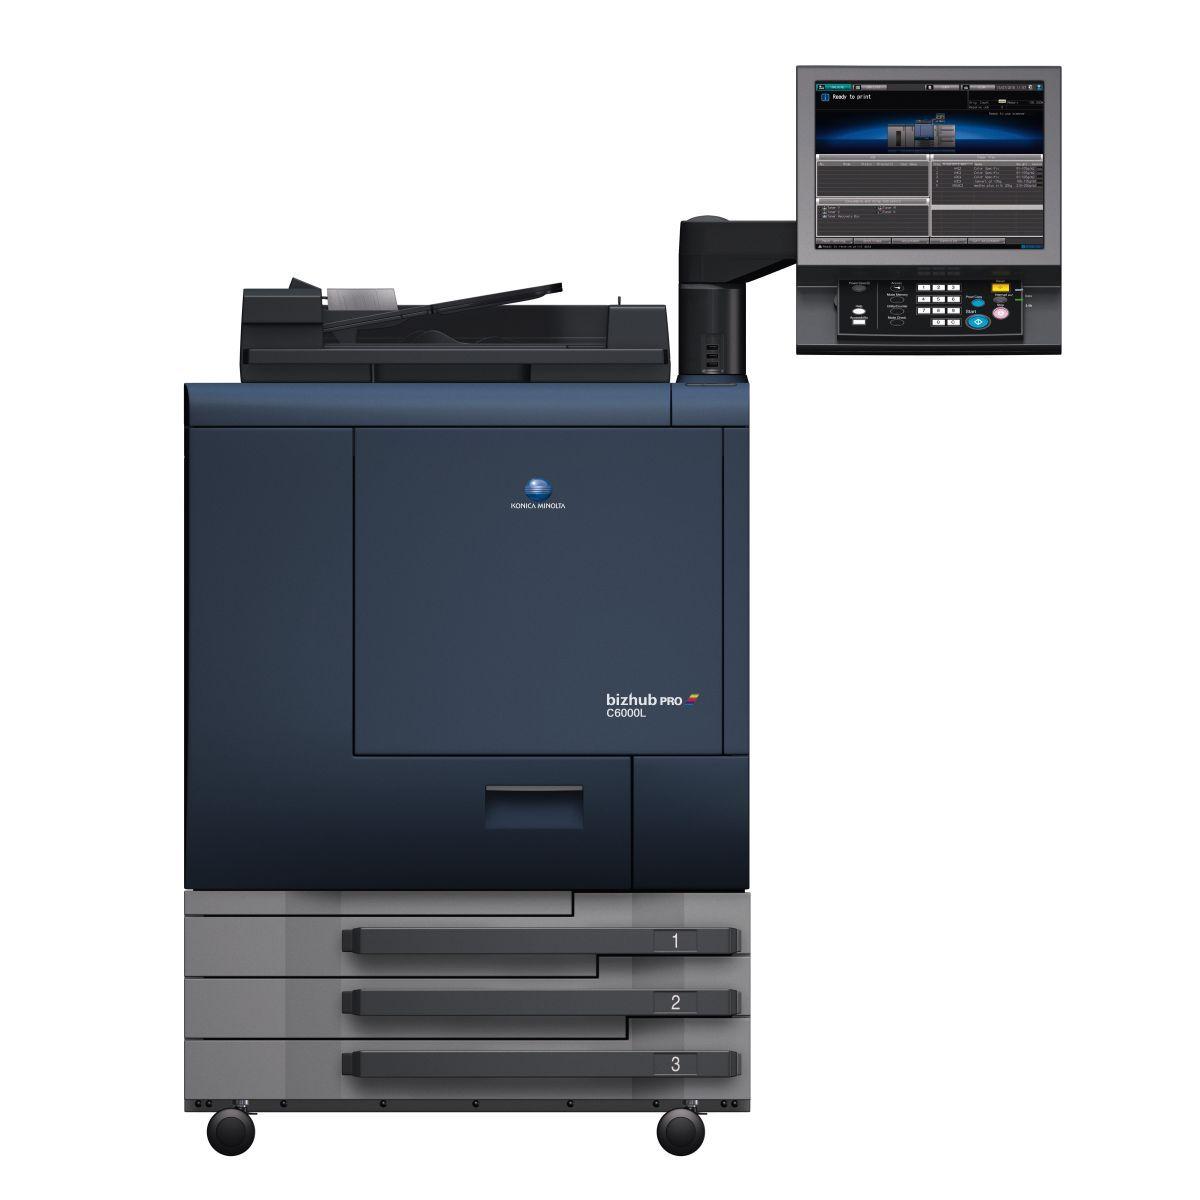 Konica Minolta Bizhub Pro C6000l Konica Minolta Printer Scanner